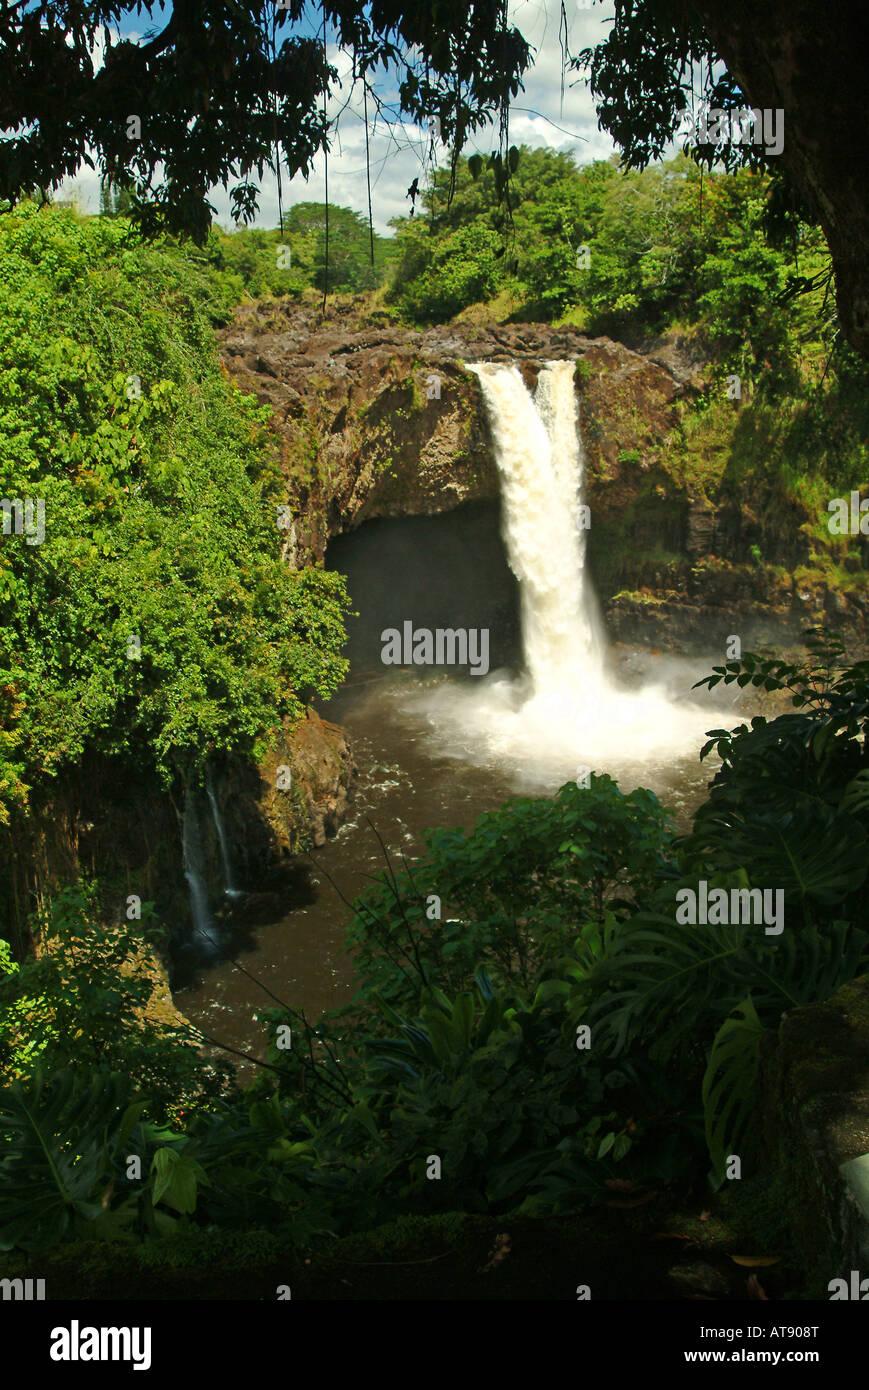 Aunuenue falls, comúnmente conocido como Rainbow falls, cerca de hilo en la Isla Grande de Hawai Foto de stock